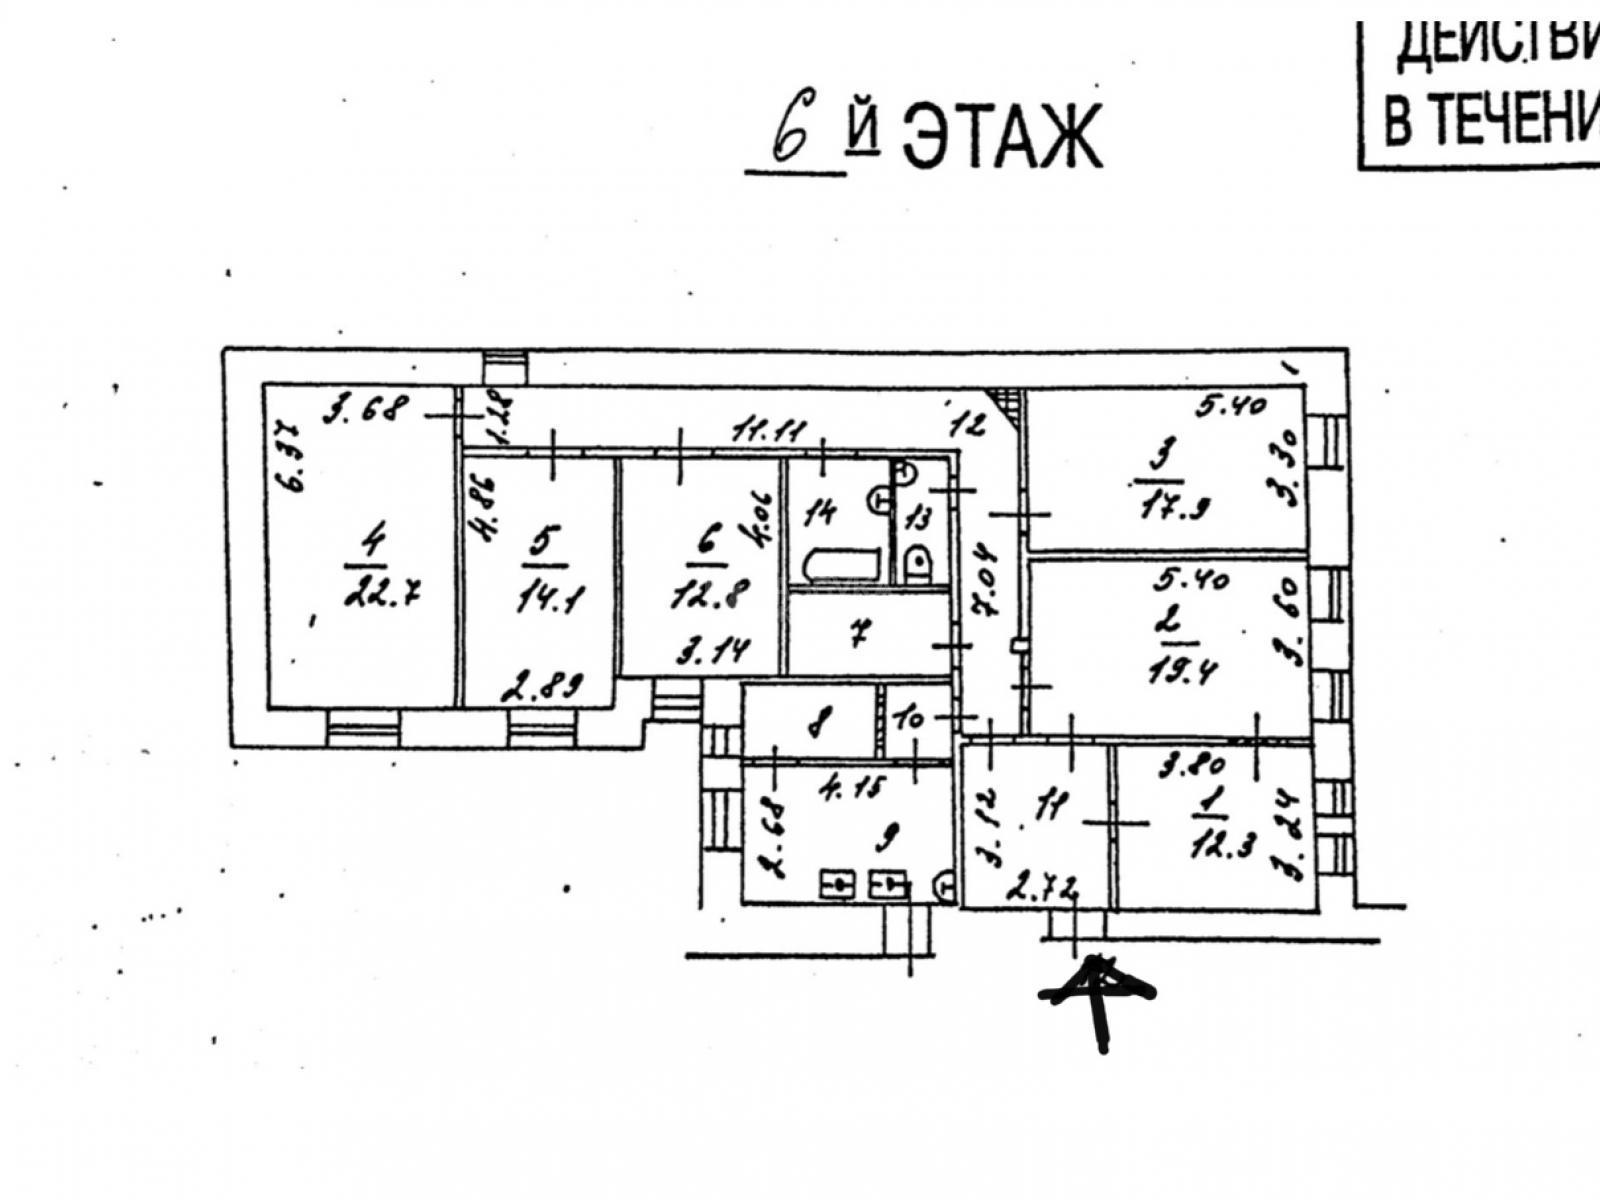 Фото №15 - 7-комнатная квартира, Москва, Николопесковский М. переулок 11 корпус 2 строение 1, метро Смоленская